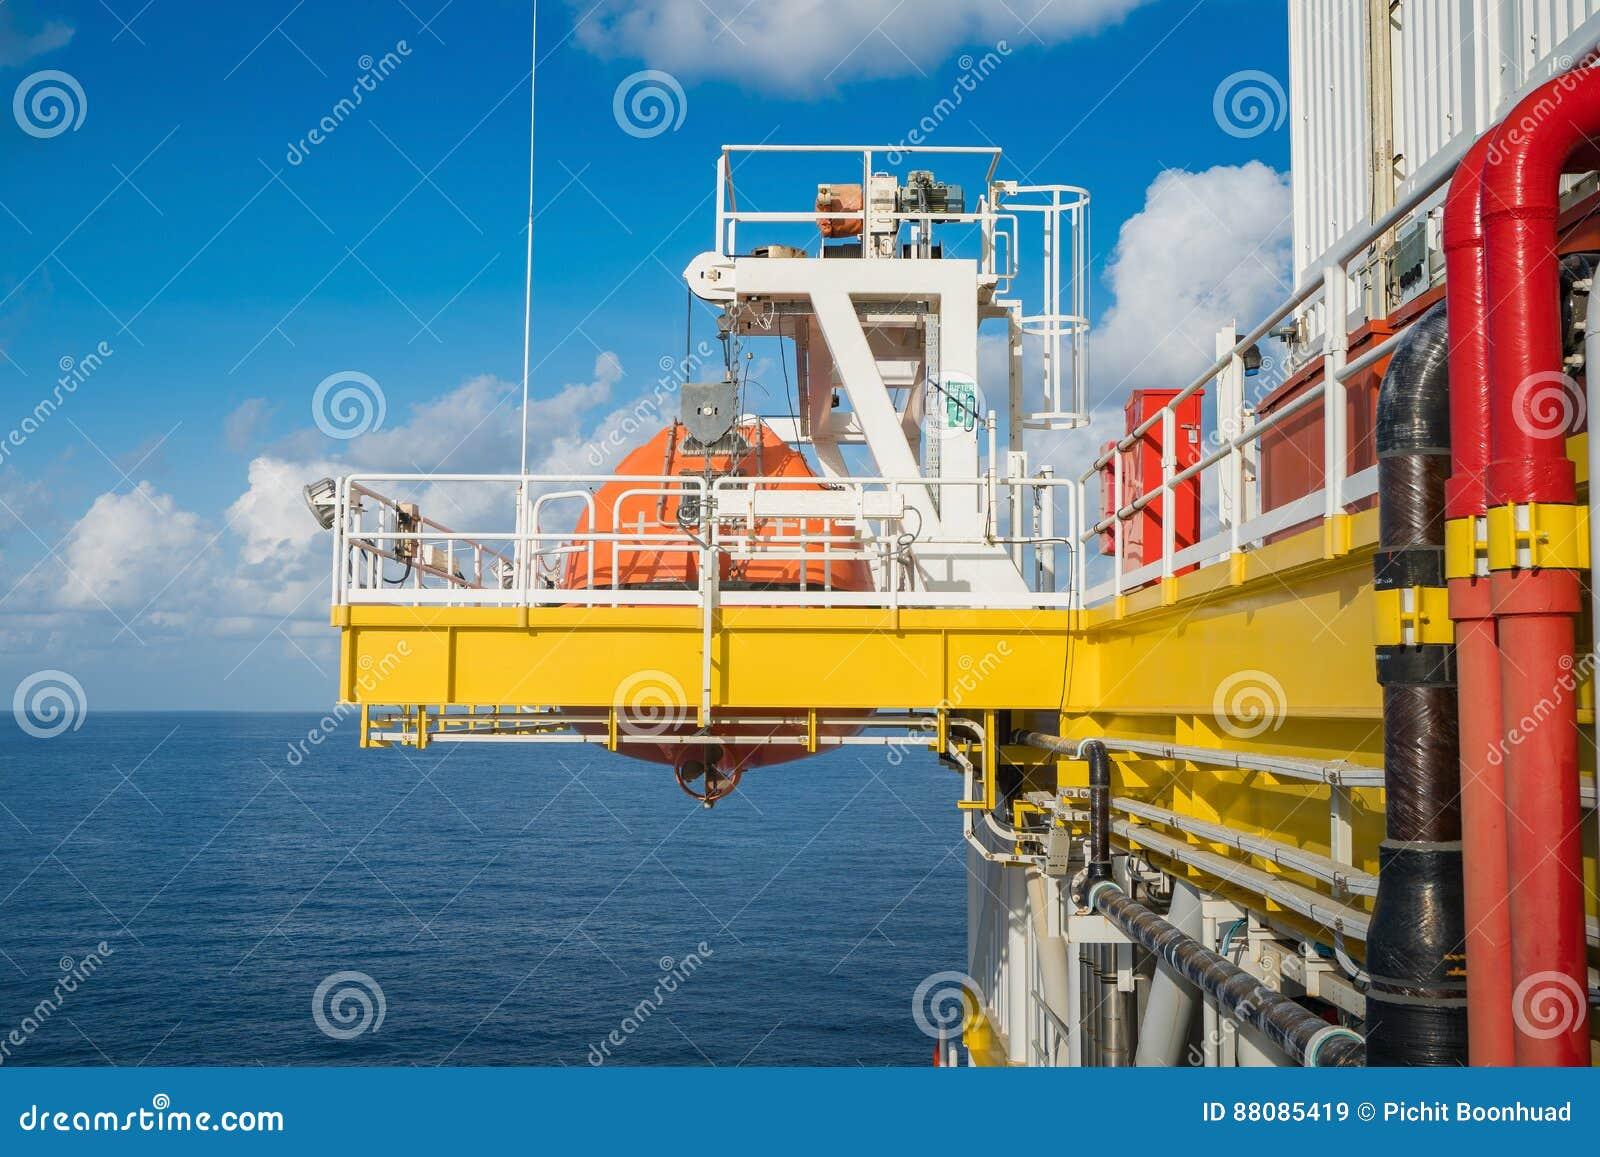 Canot de sauvetage à la station de rassemblement sur la plate-forme de pétrole marin et de gaz